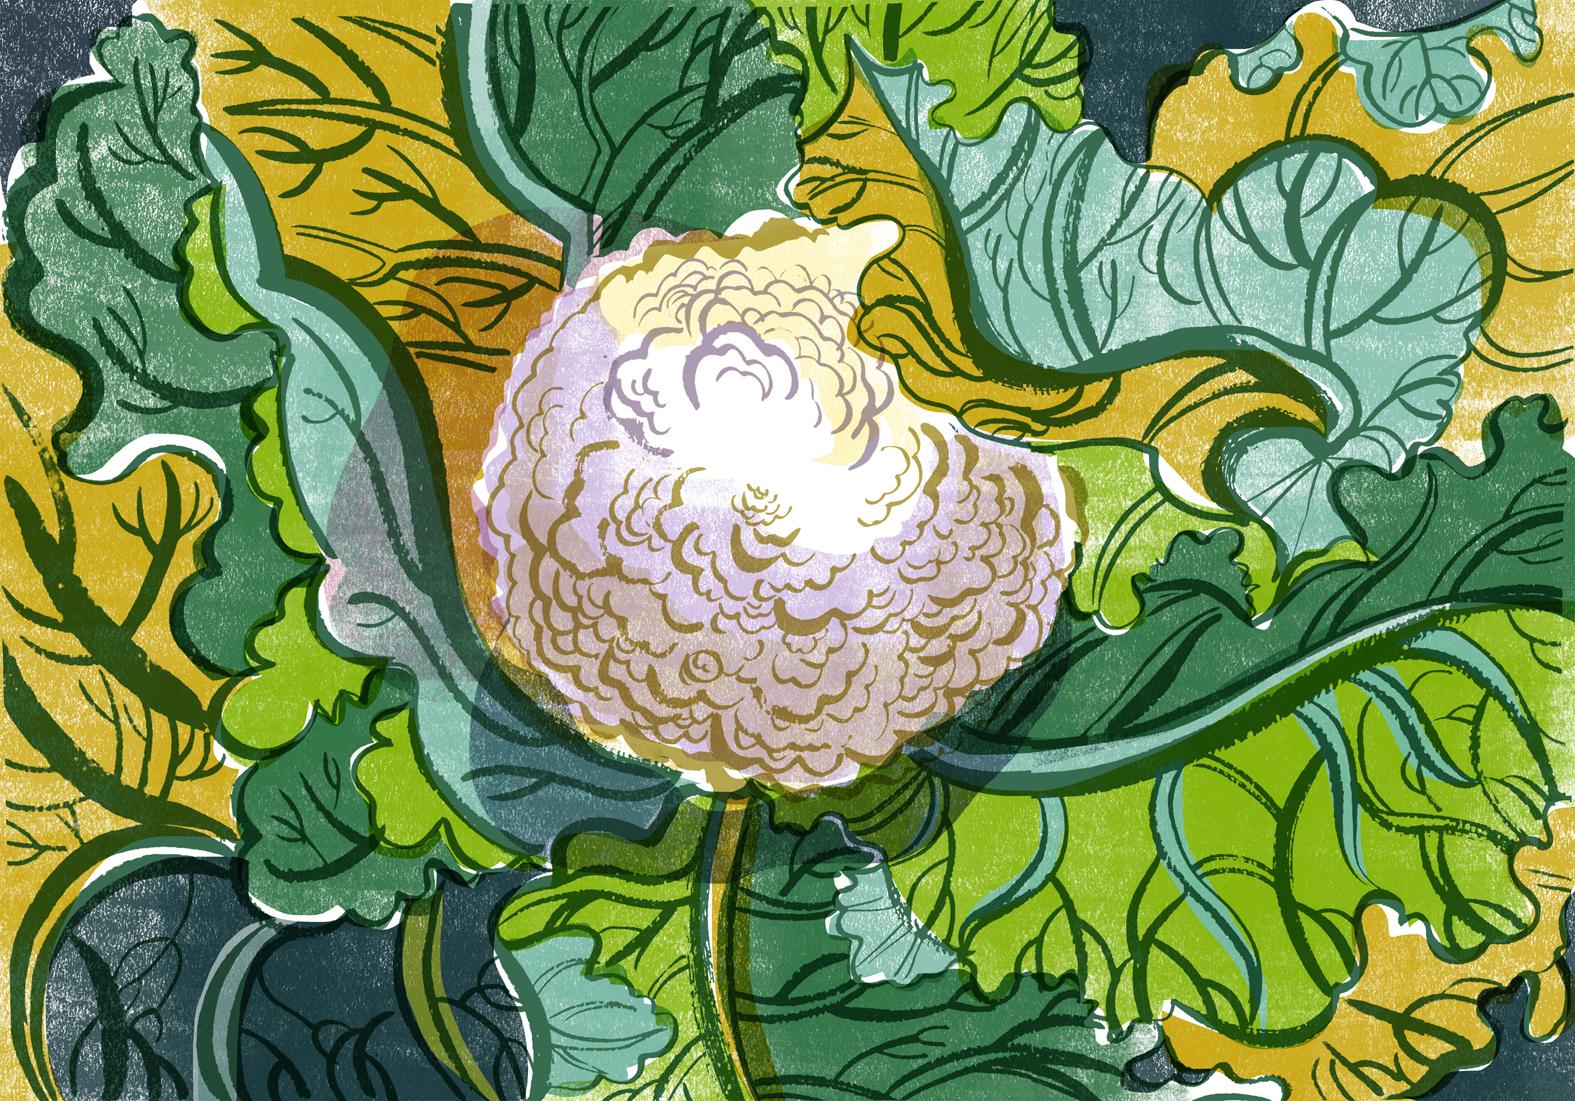 sarahtanatjones-cauliflower-web.jpg